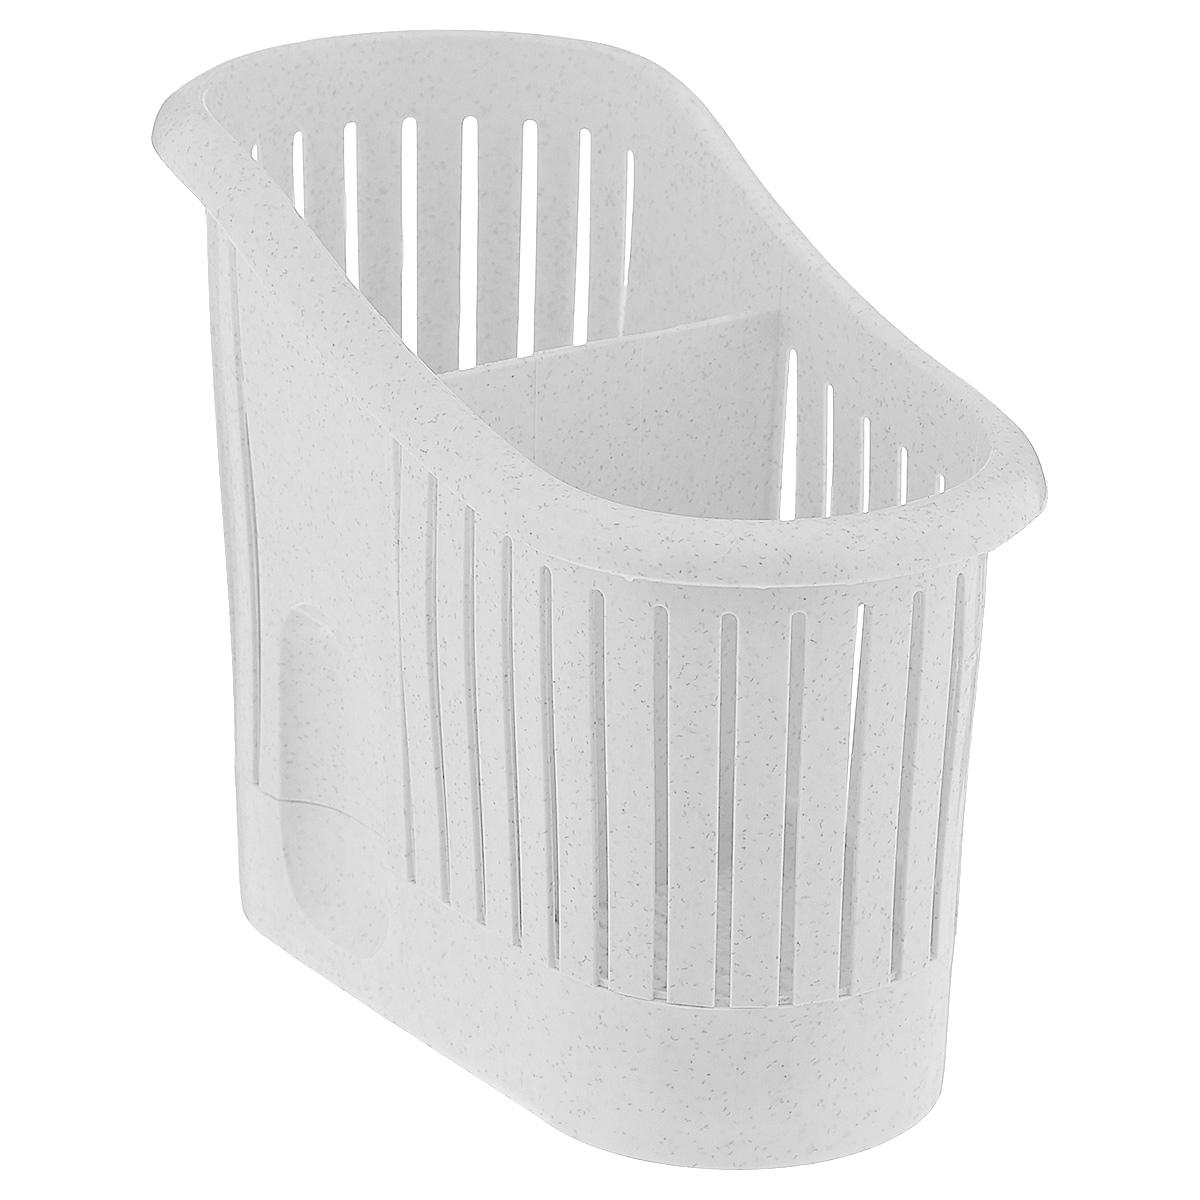 Сушилка для столовых приборов Curver, 2-х секционная, цвет: мраморный3412Сушилка для столовых приборов Curver, выполненная из высококачественного пластика, станет полезным приобретением для вашей кухни. Сушилка имеет две секции для разных видов столовых приборов. Дно и стенки имеют перфорацию для легкого стока жидкости, которую собирает поднос. Такая сушилка поможет аккуратно рассортировать все столовые приборы и тем самым поддерживать порядок на кухне.